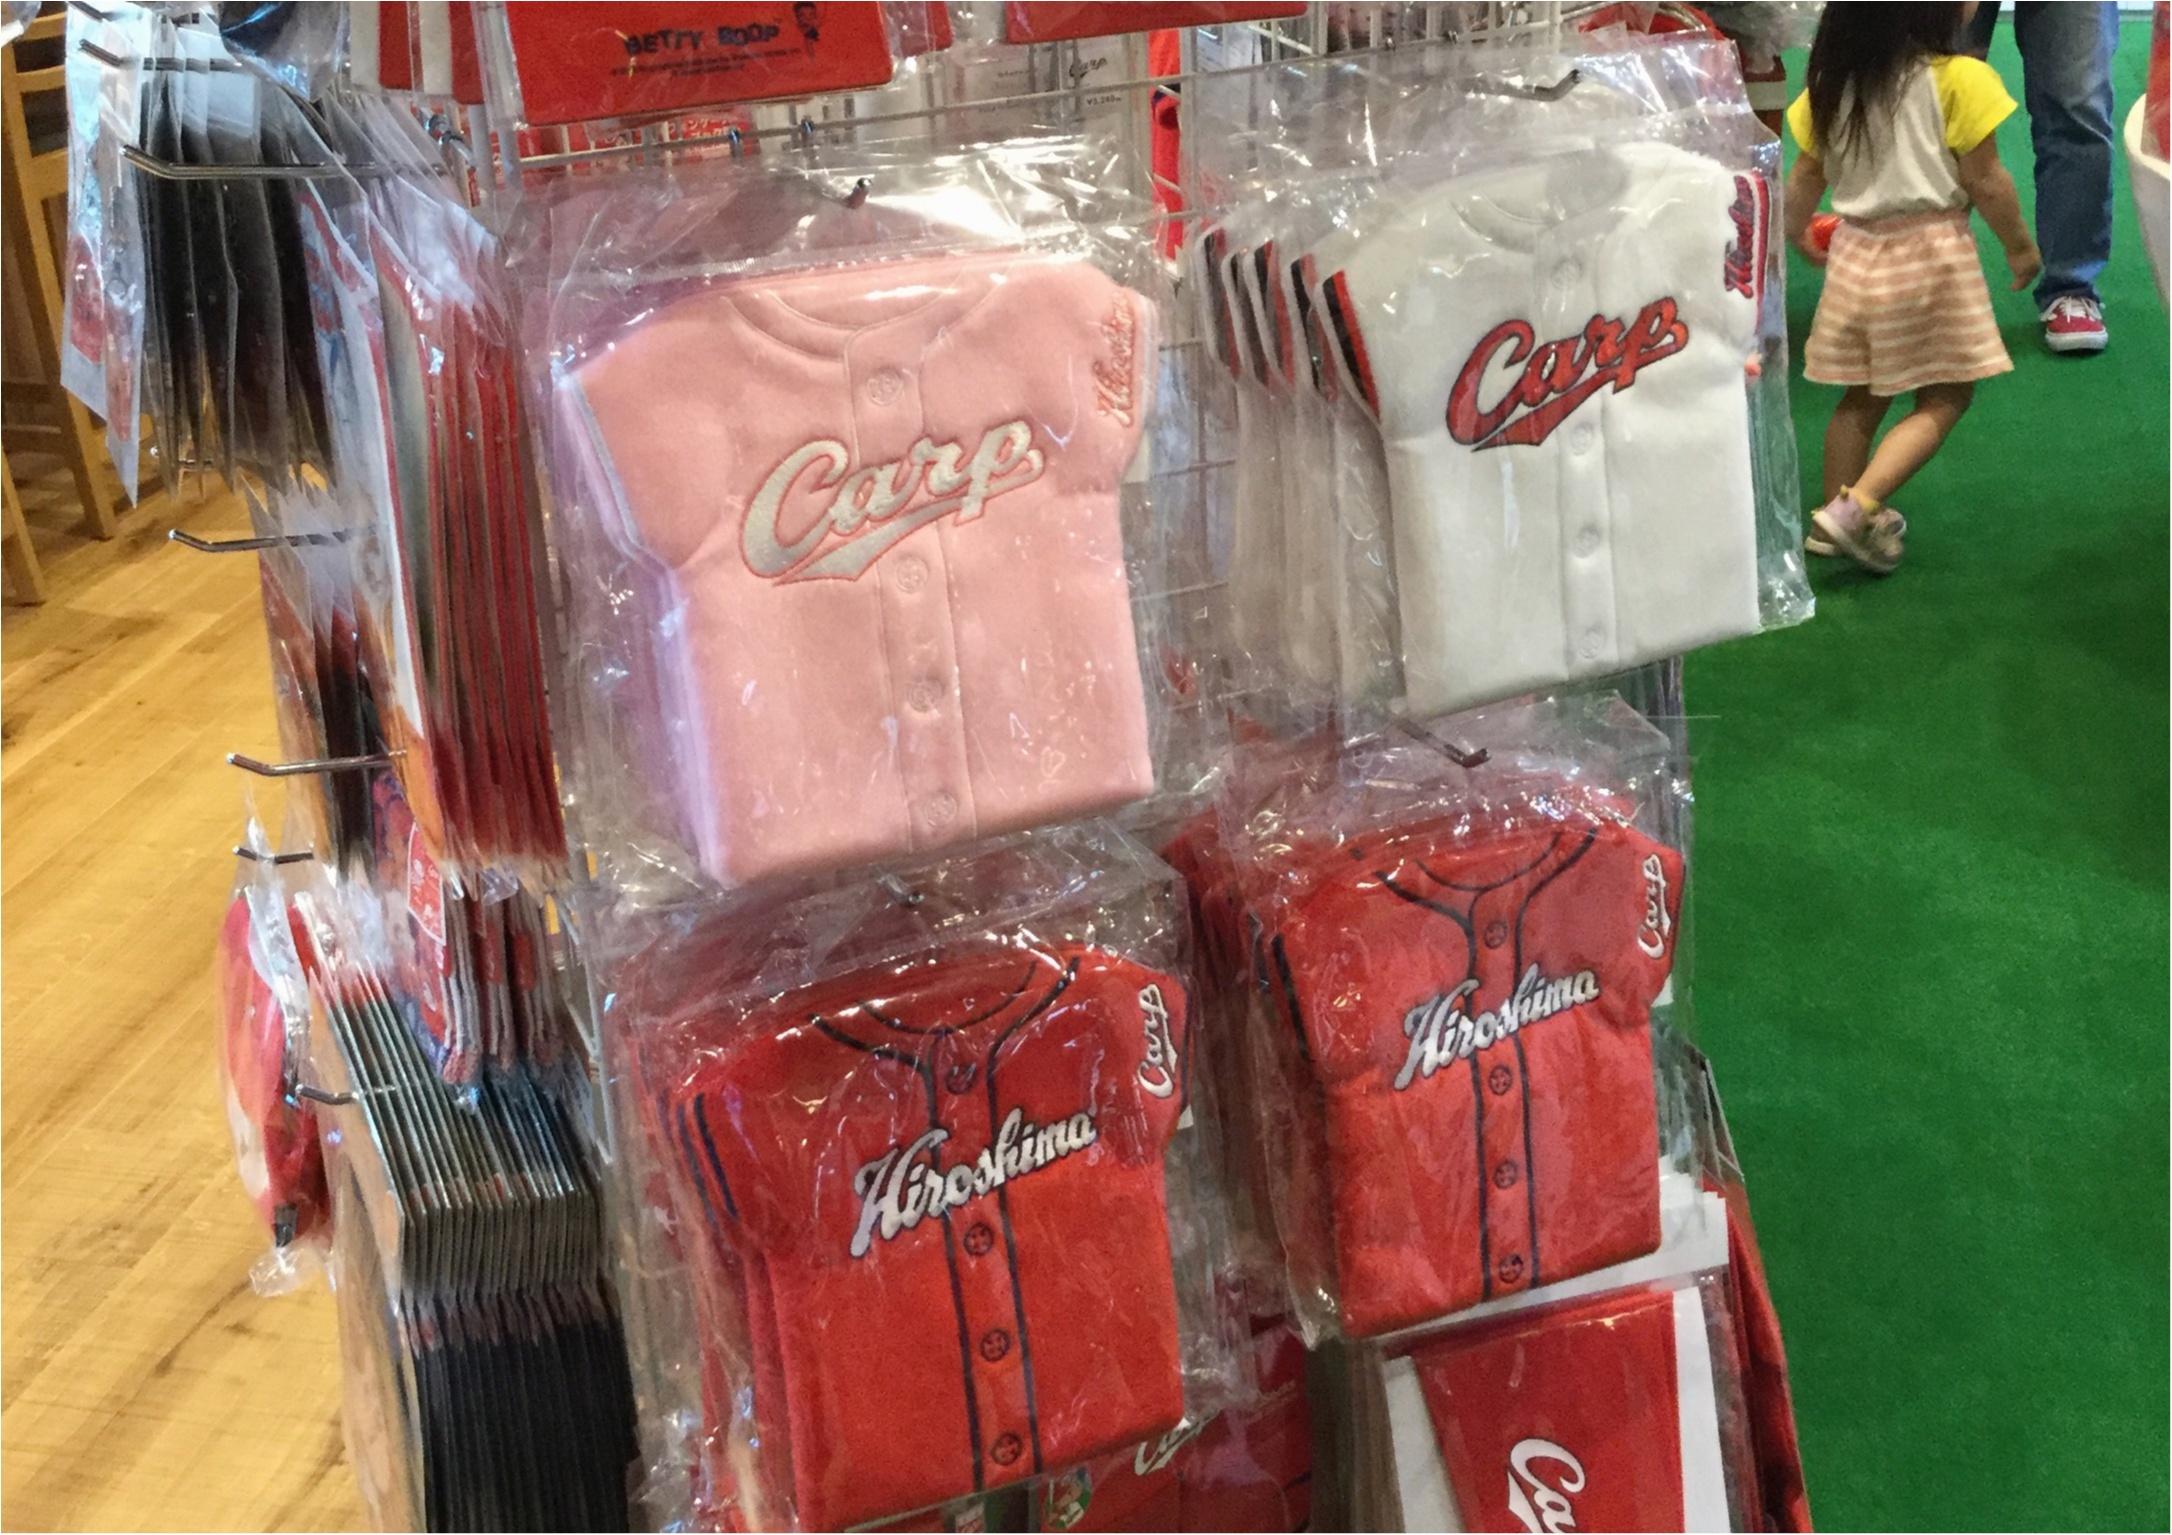 【カープ女子必見】ディズニーとのコラボ商品も新発売!カープをコンセプトとしたカフェバルも併設した《グッズ&カフェバル》としてリニューアルオープン♡_3